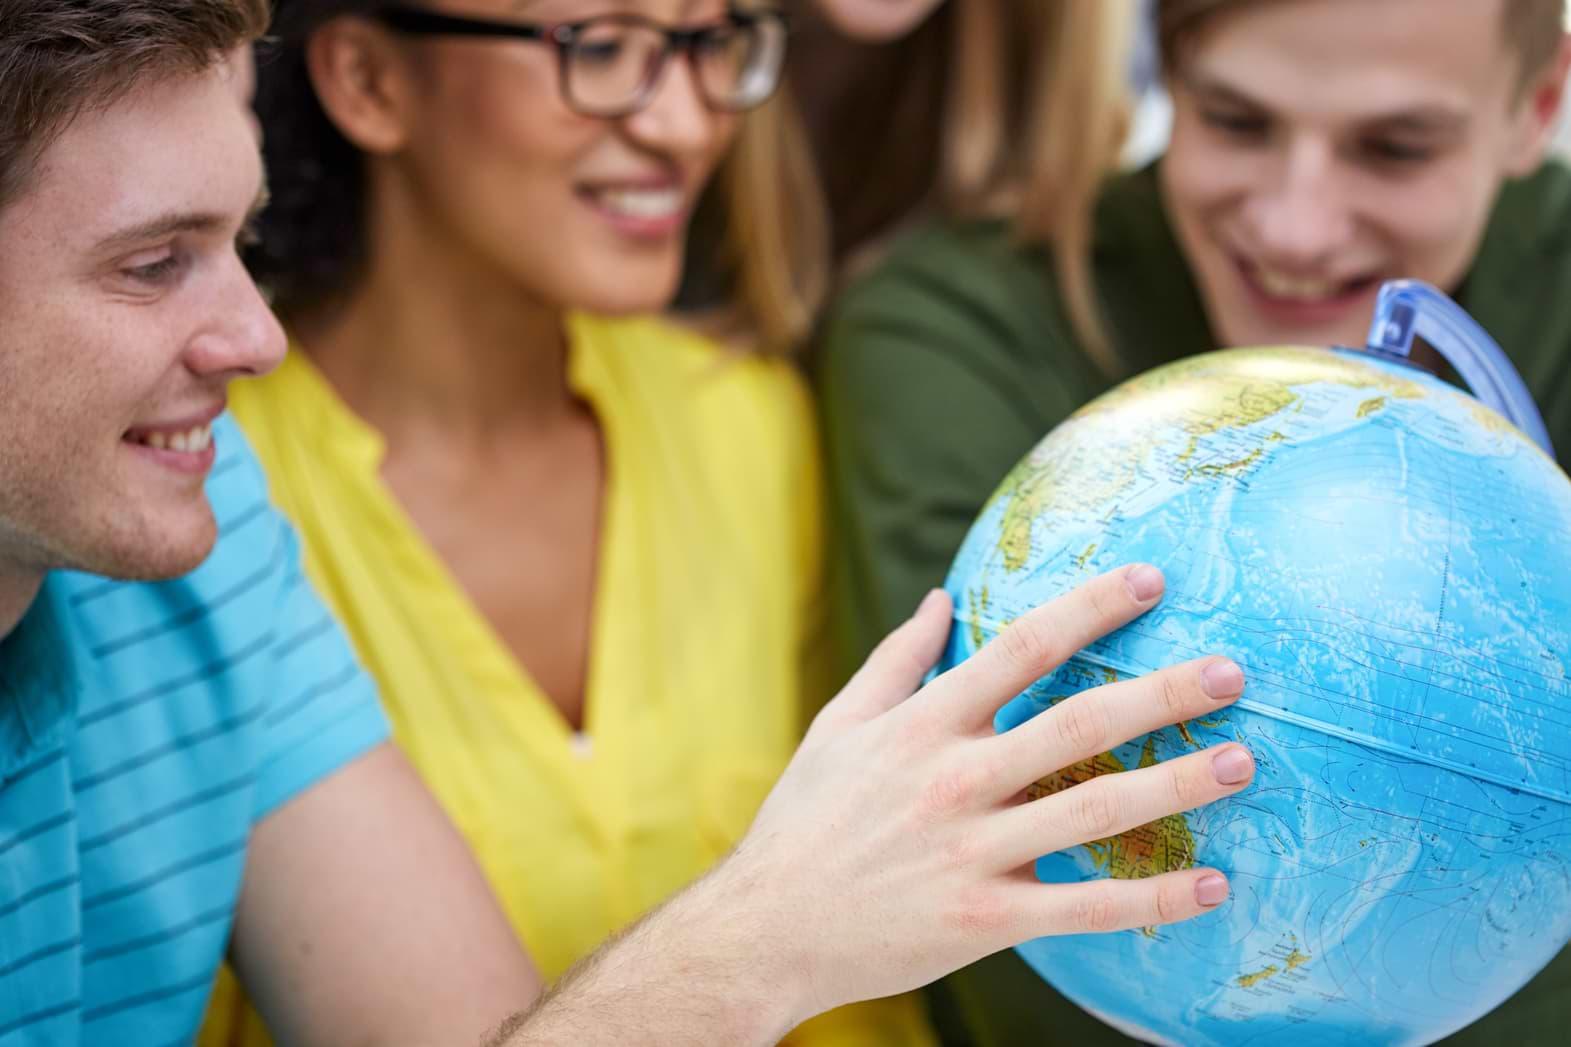 Unga lär sig om privatekonomi globalt